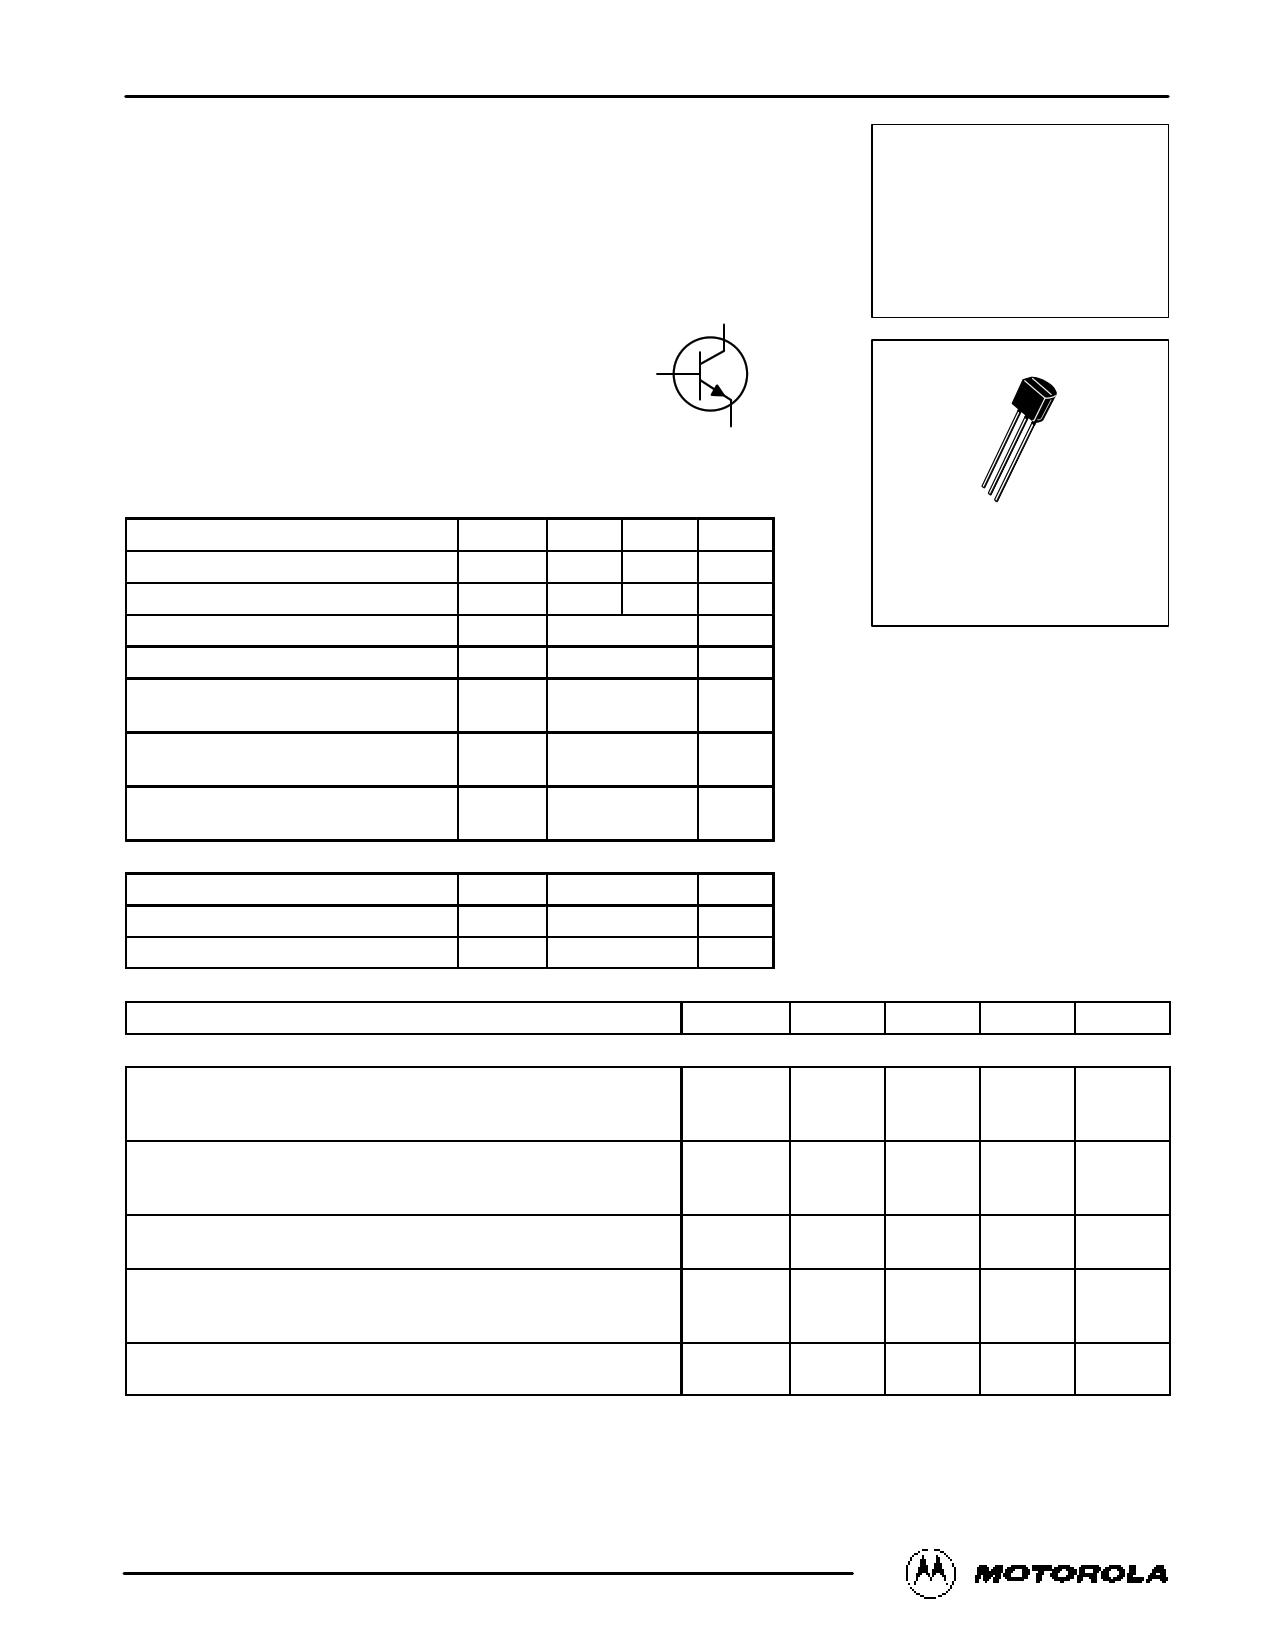 BC550B 데이터시트 및 BC550B PDF